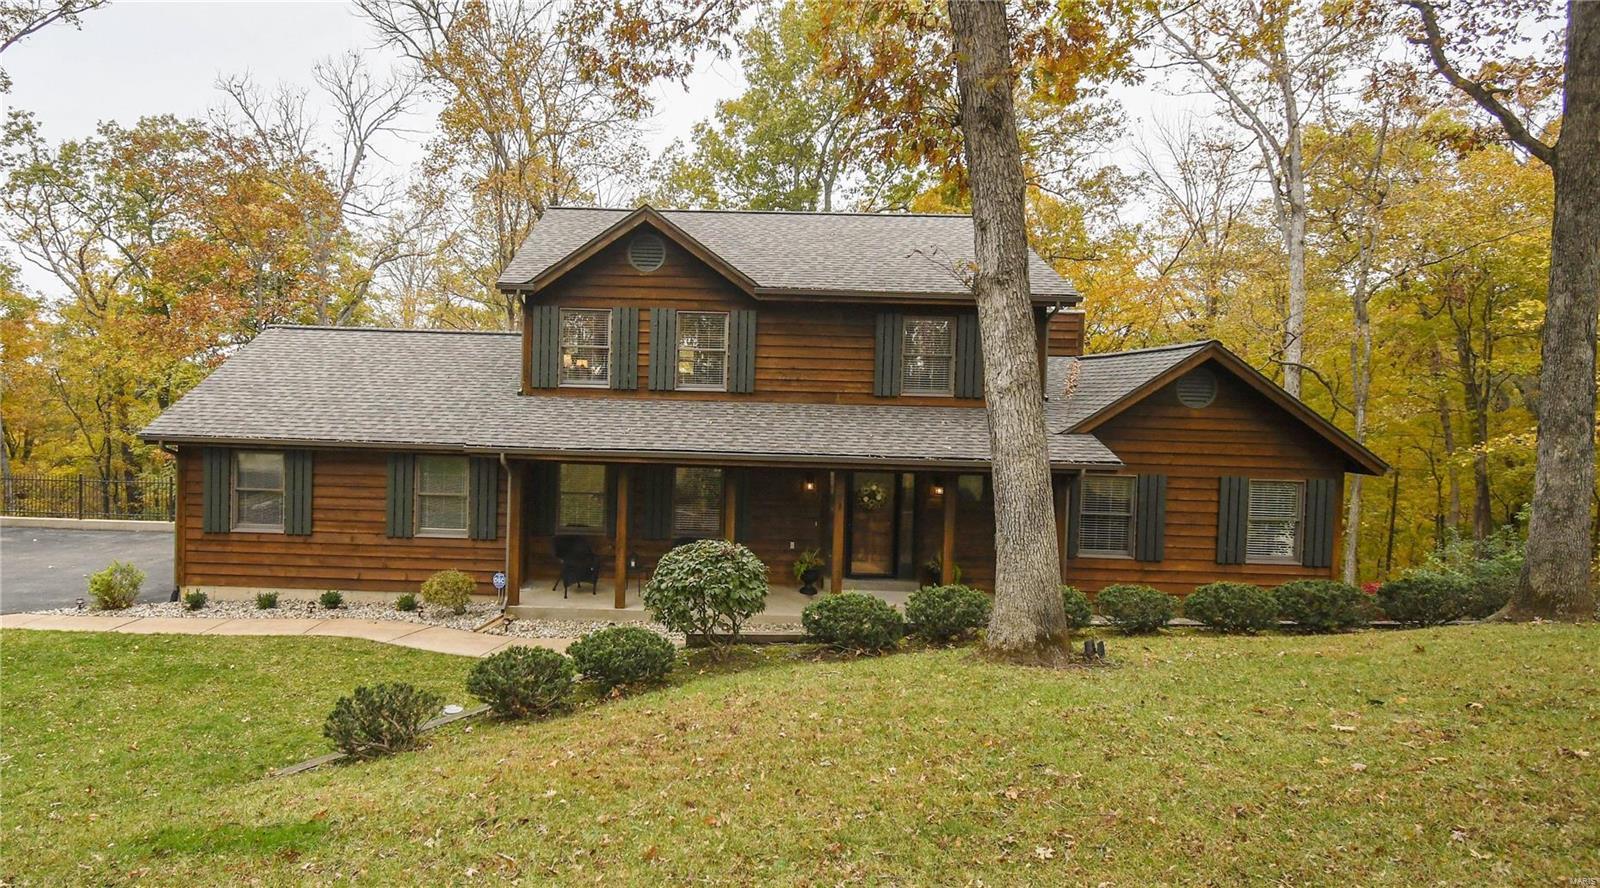 41 Rockwood Forest Ridge, Wildwood, MO 63025